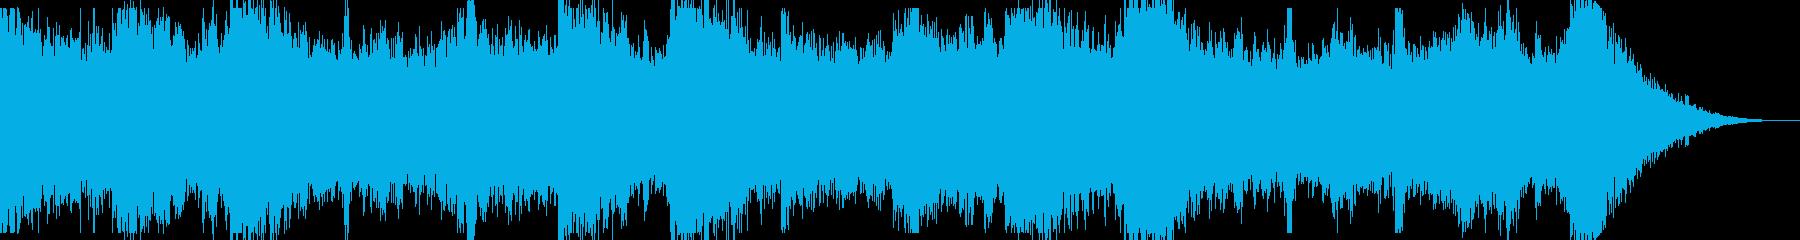 ラボ/実験室/工場/機械音の再生済みの波形